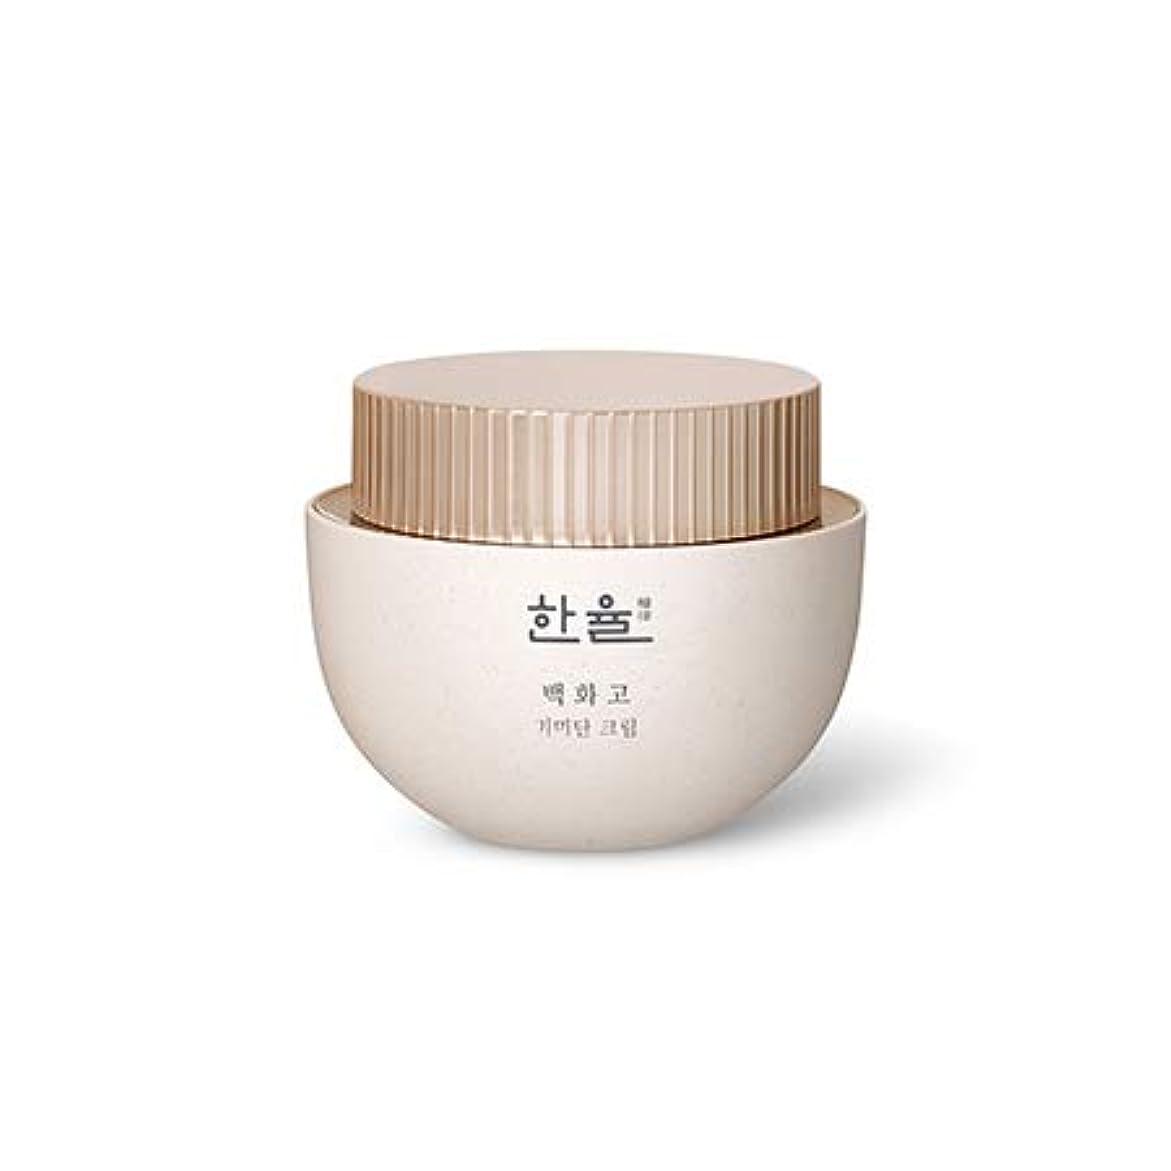 オフェンス忠実日[ハンユル.HANYUL]ベクファゴシミ段クリームHanyul Baek Hwa Goh Anti-Aging Cream(シミ、くすみなどの老化の兆候をケア)